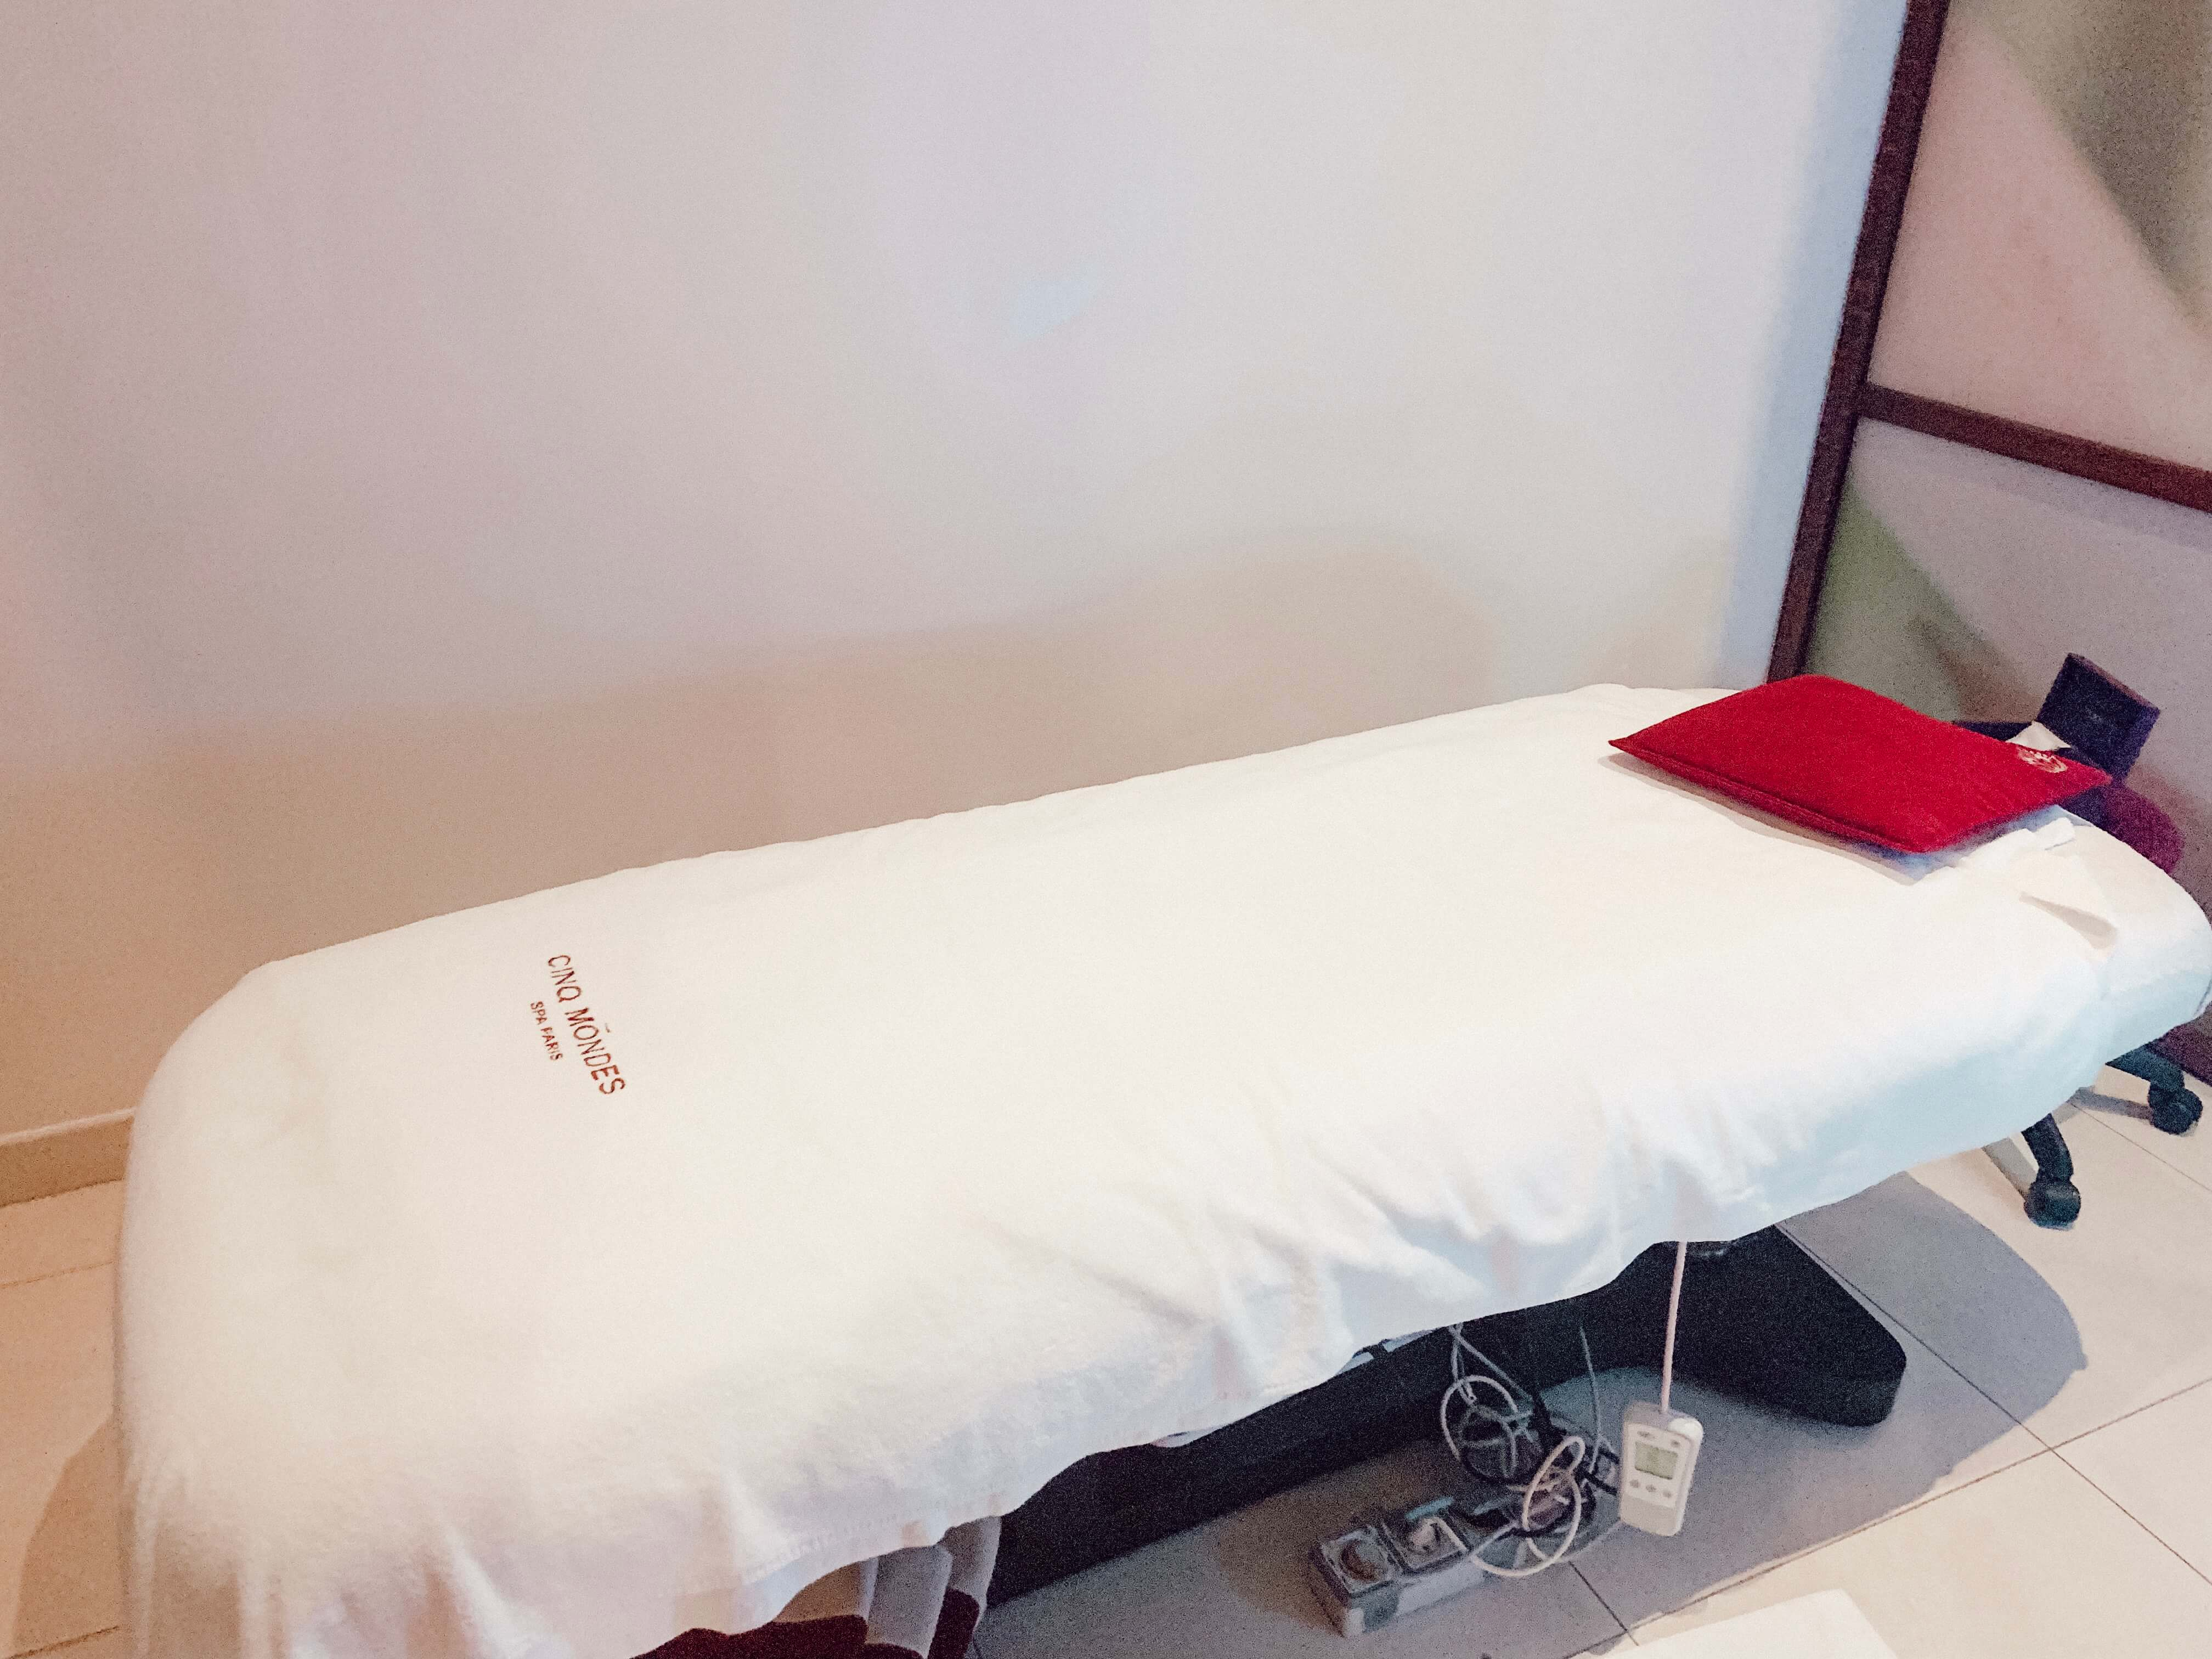 avis-spa-cinq-mondes-opéra-paris-soins-visage-massage